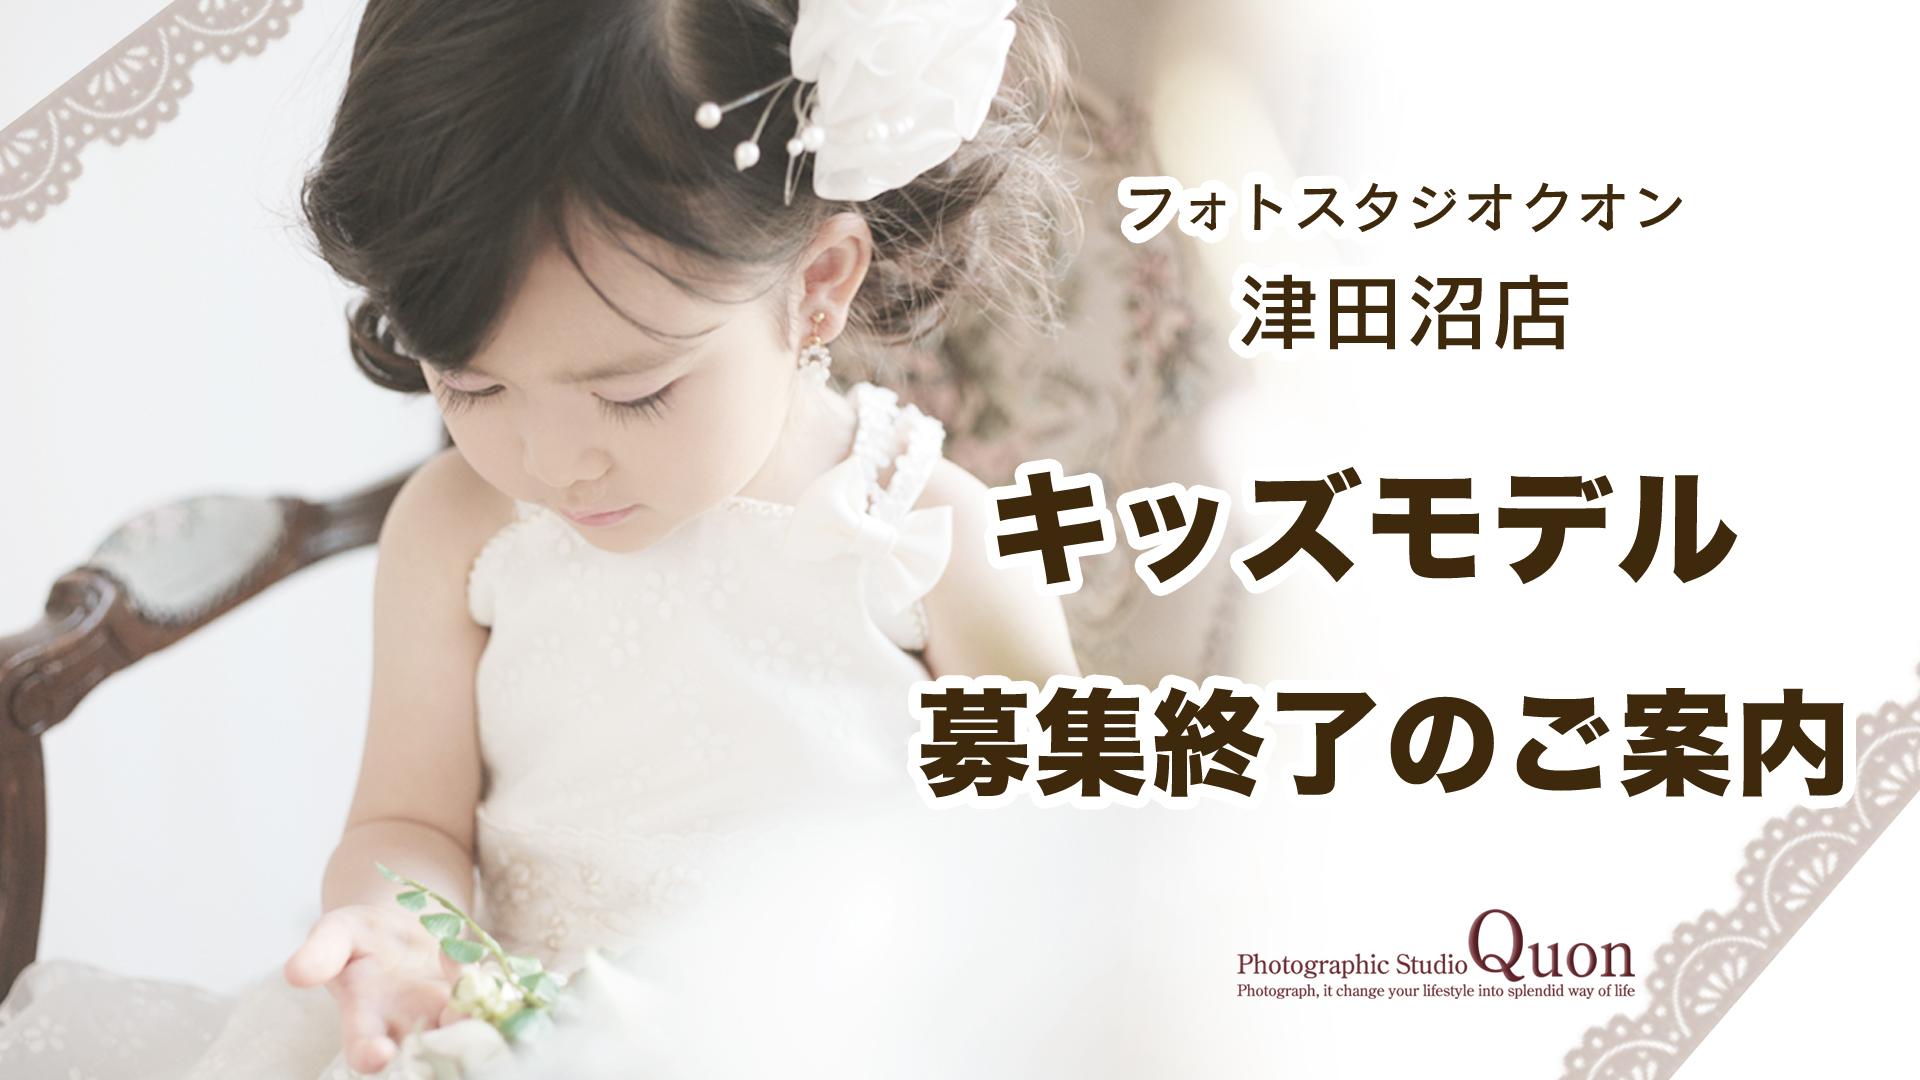 津田沼店キッズモデル募集終了のご案内